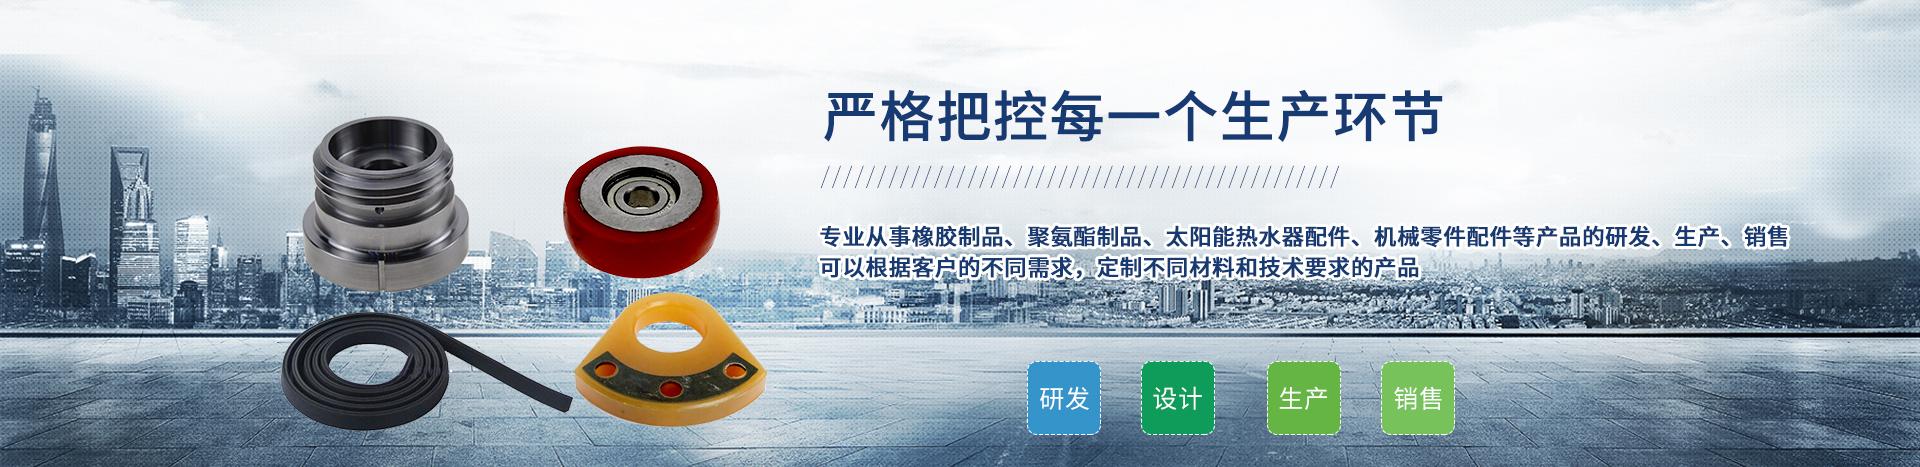 上海炅杰橡塑实业有限公司